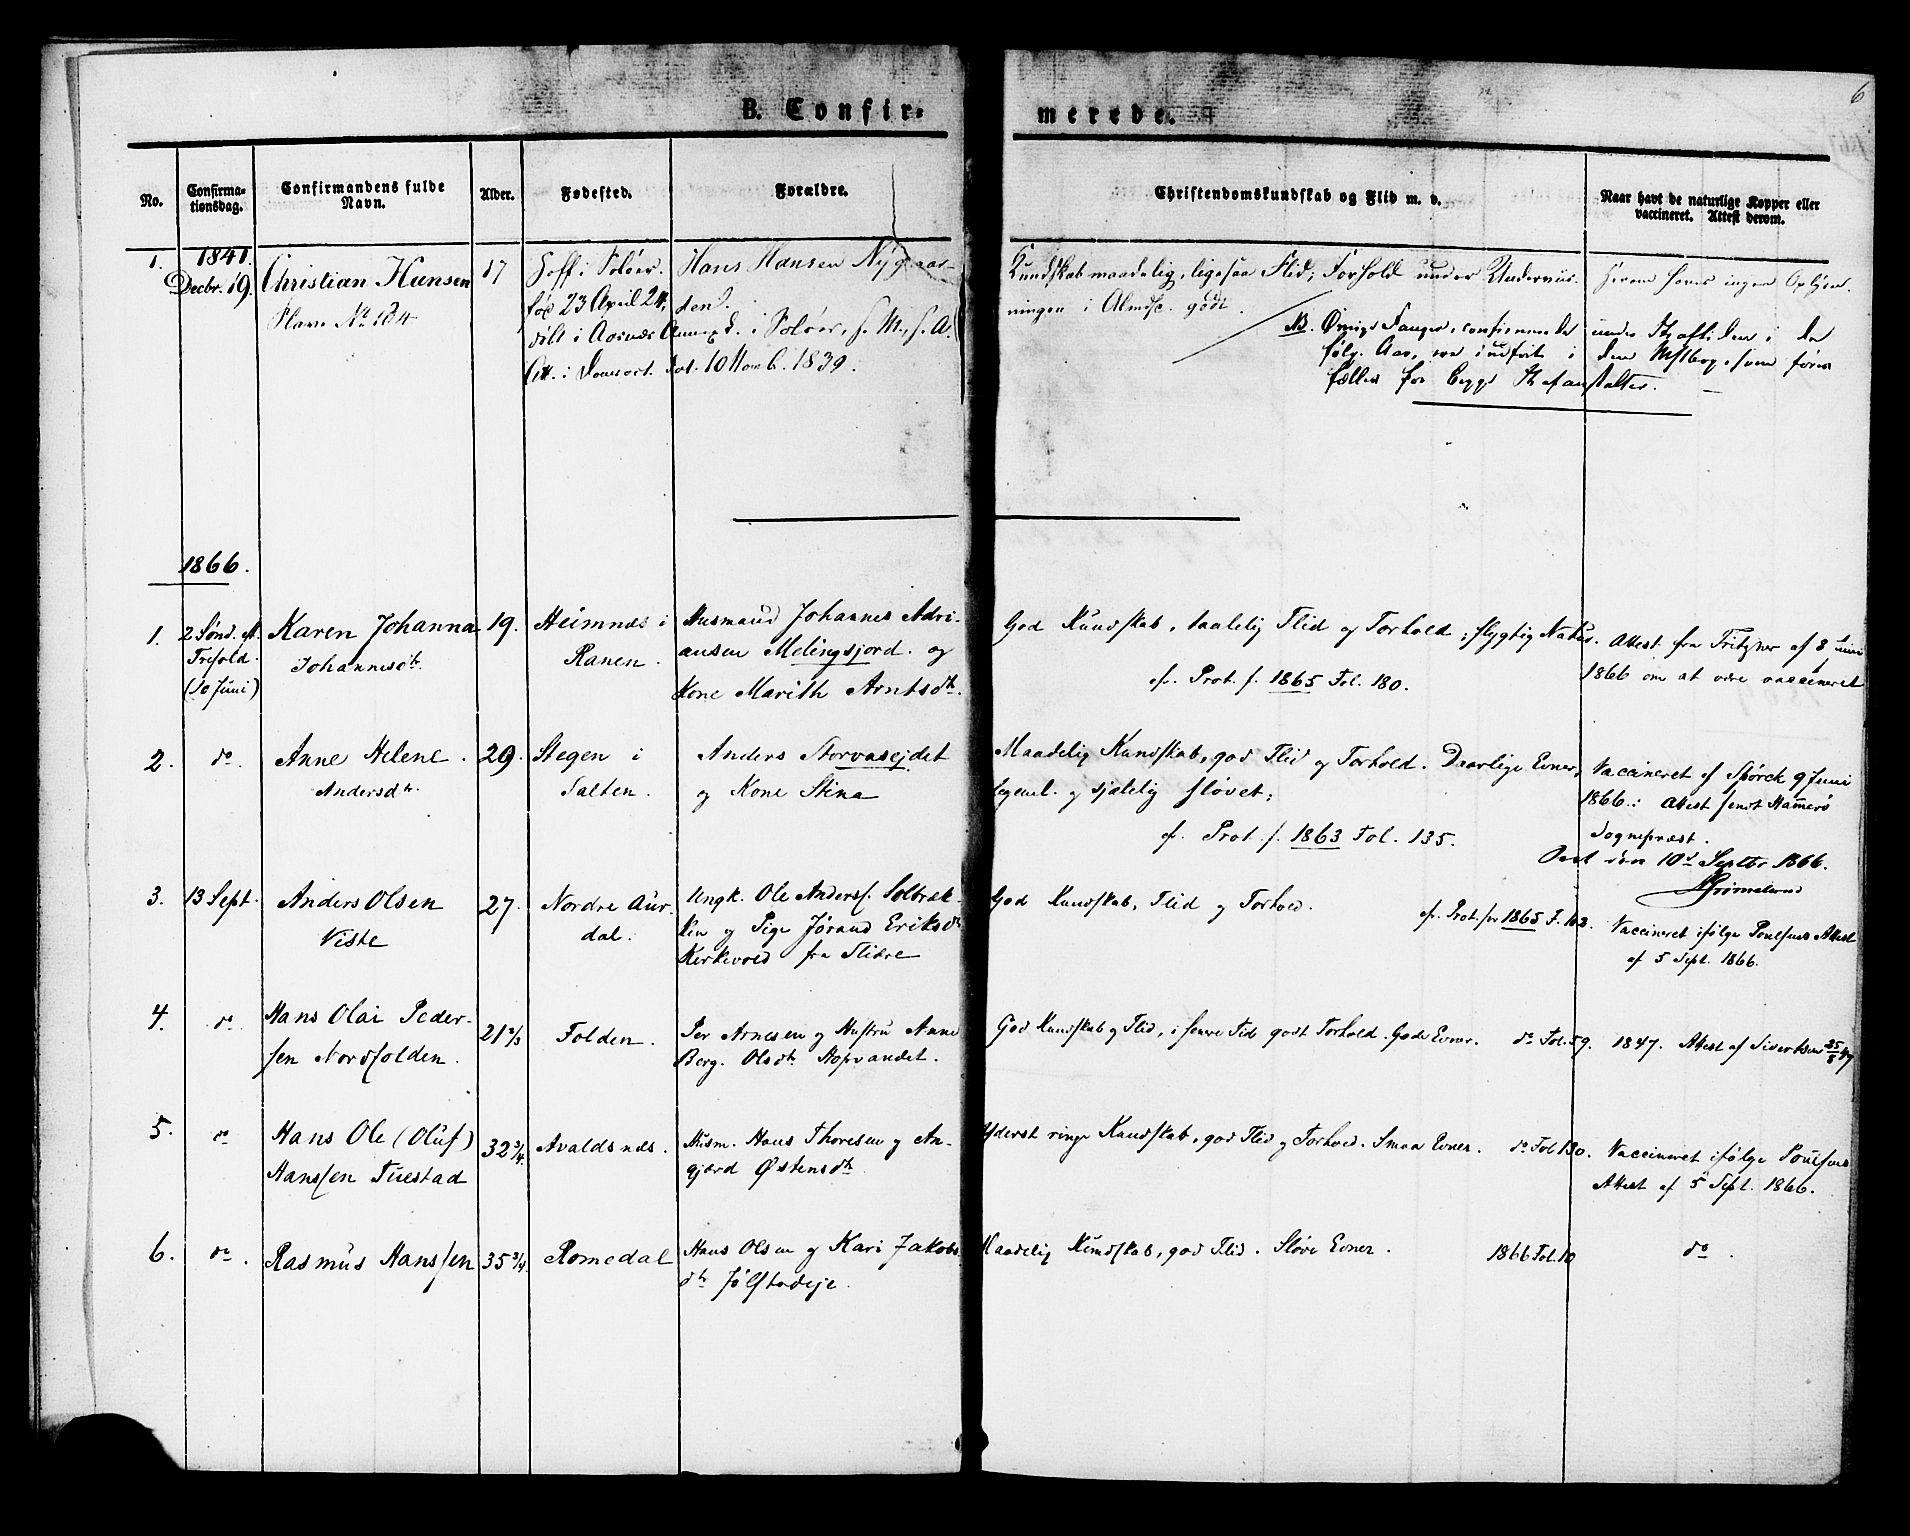 SAT, Ministerialprotokoller, klokkerbøker og fødselsregistre - Sør-Trøndelag, 624/L0481: Ministerialbok nr. 624A02, 1841-1869, s. 6